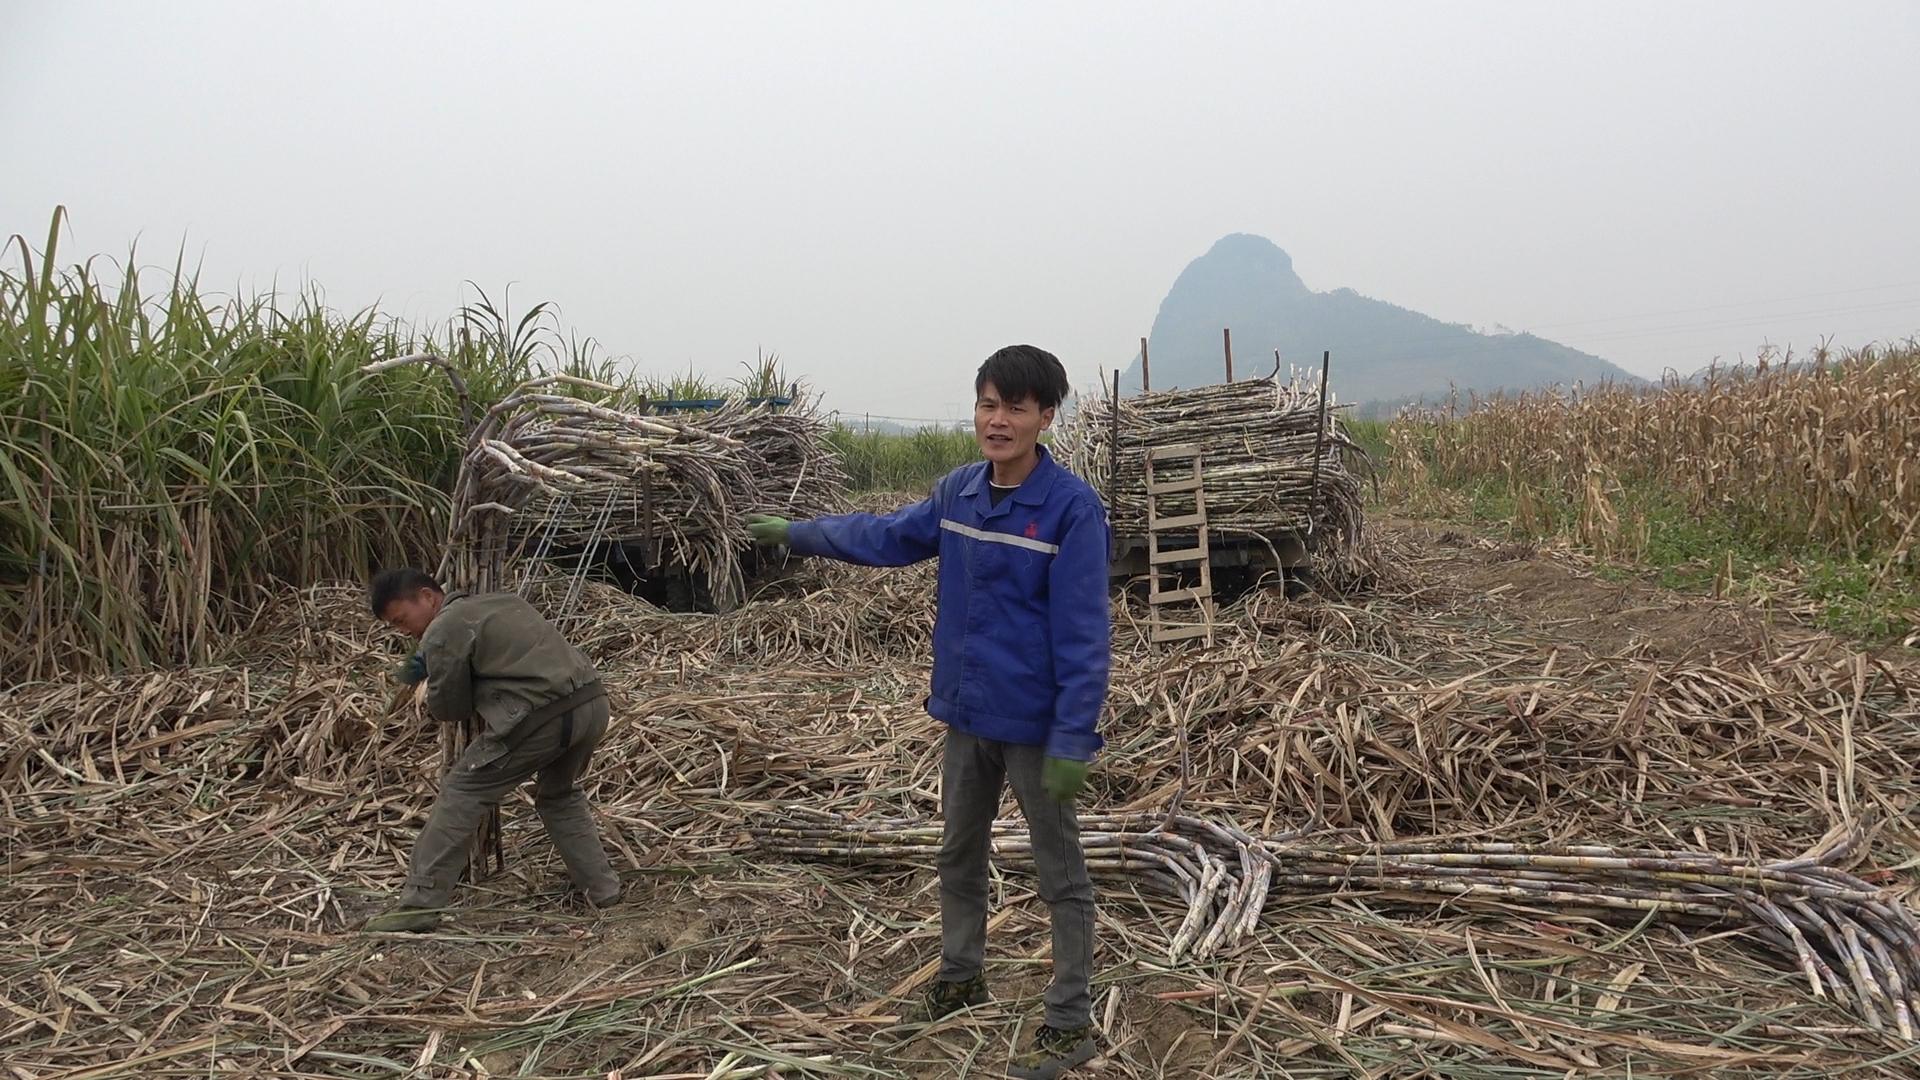 农村很多人都外出打工,在家种甘蔗到底赚不赚钱,看小明怎么说